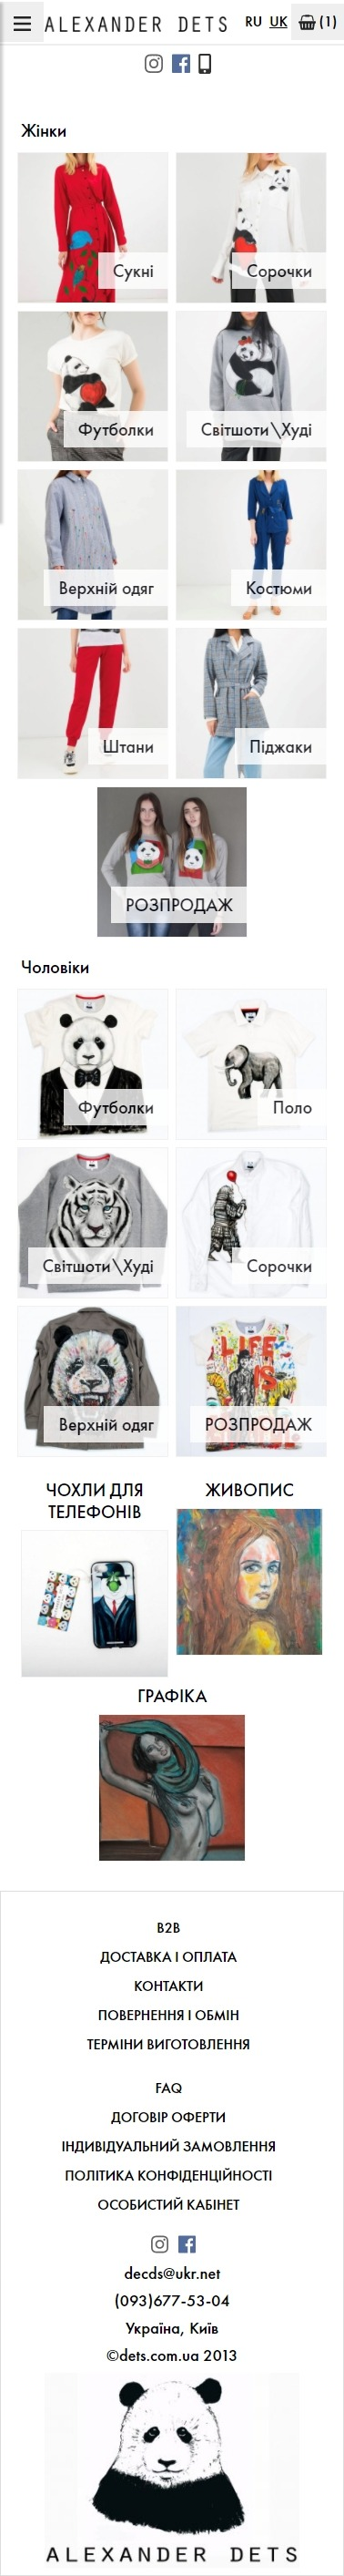 12_dets.com.ua